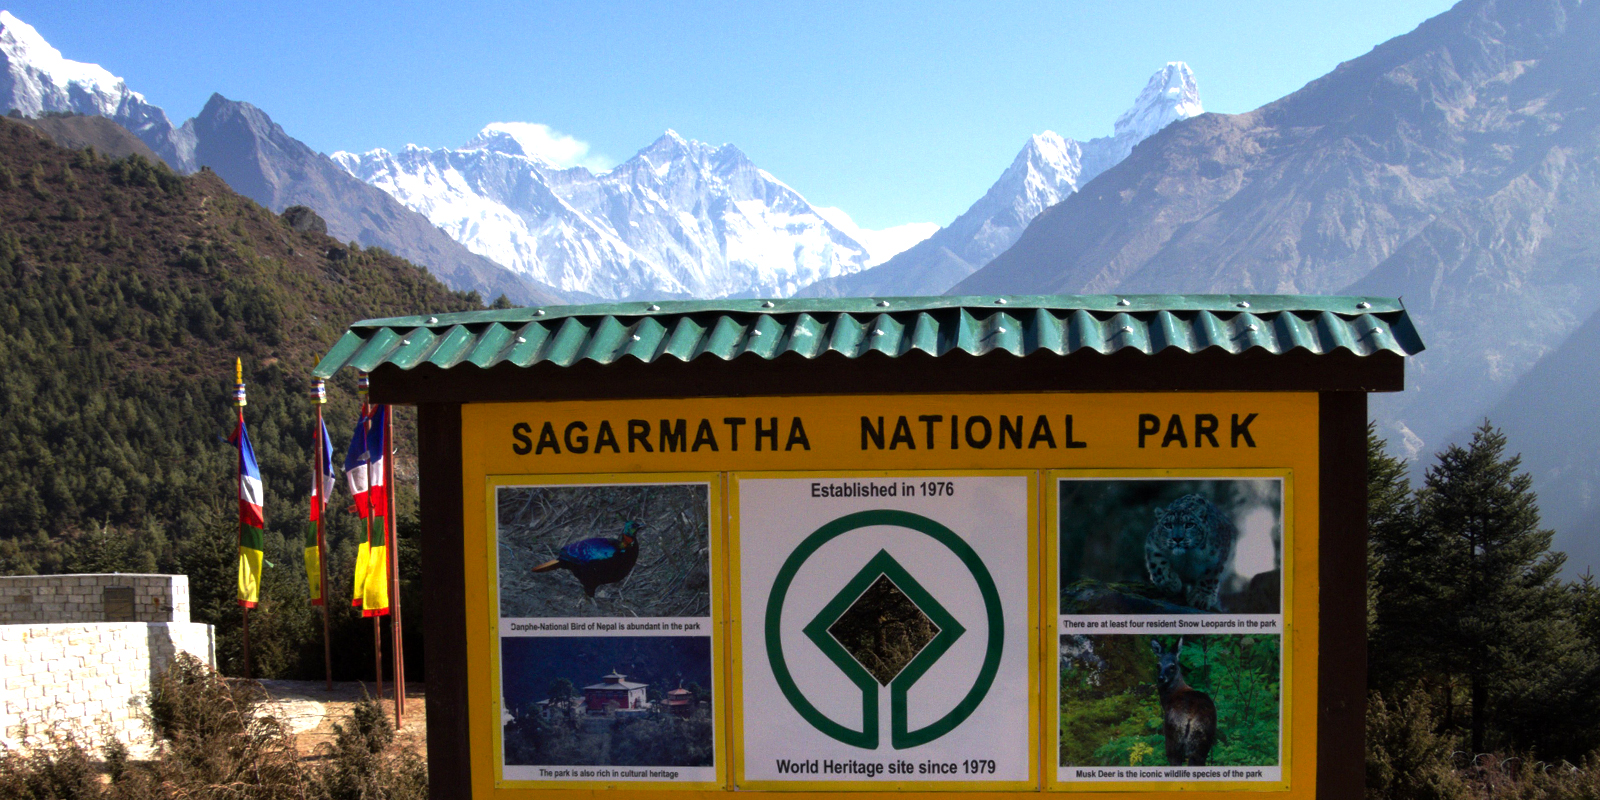 Welcome to Sagarmatha National Park